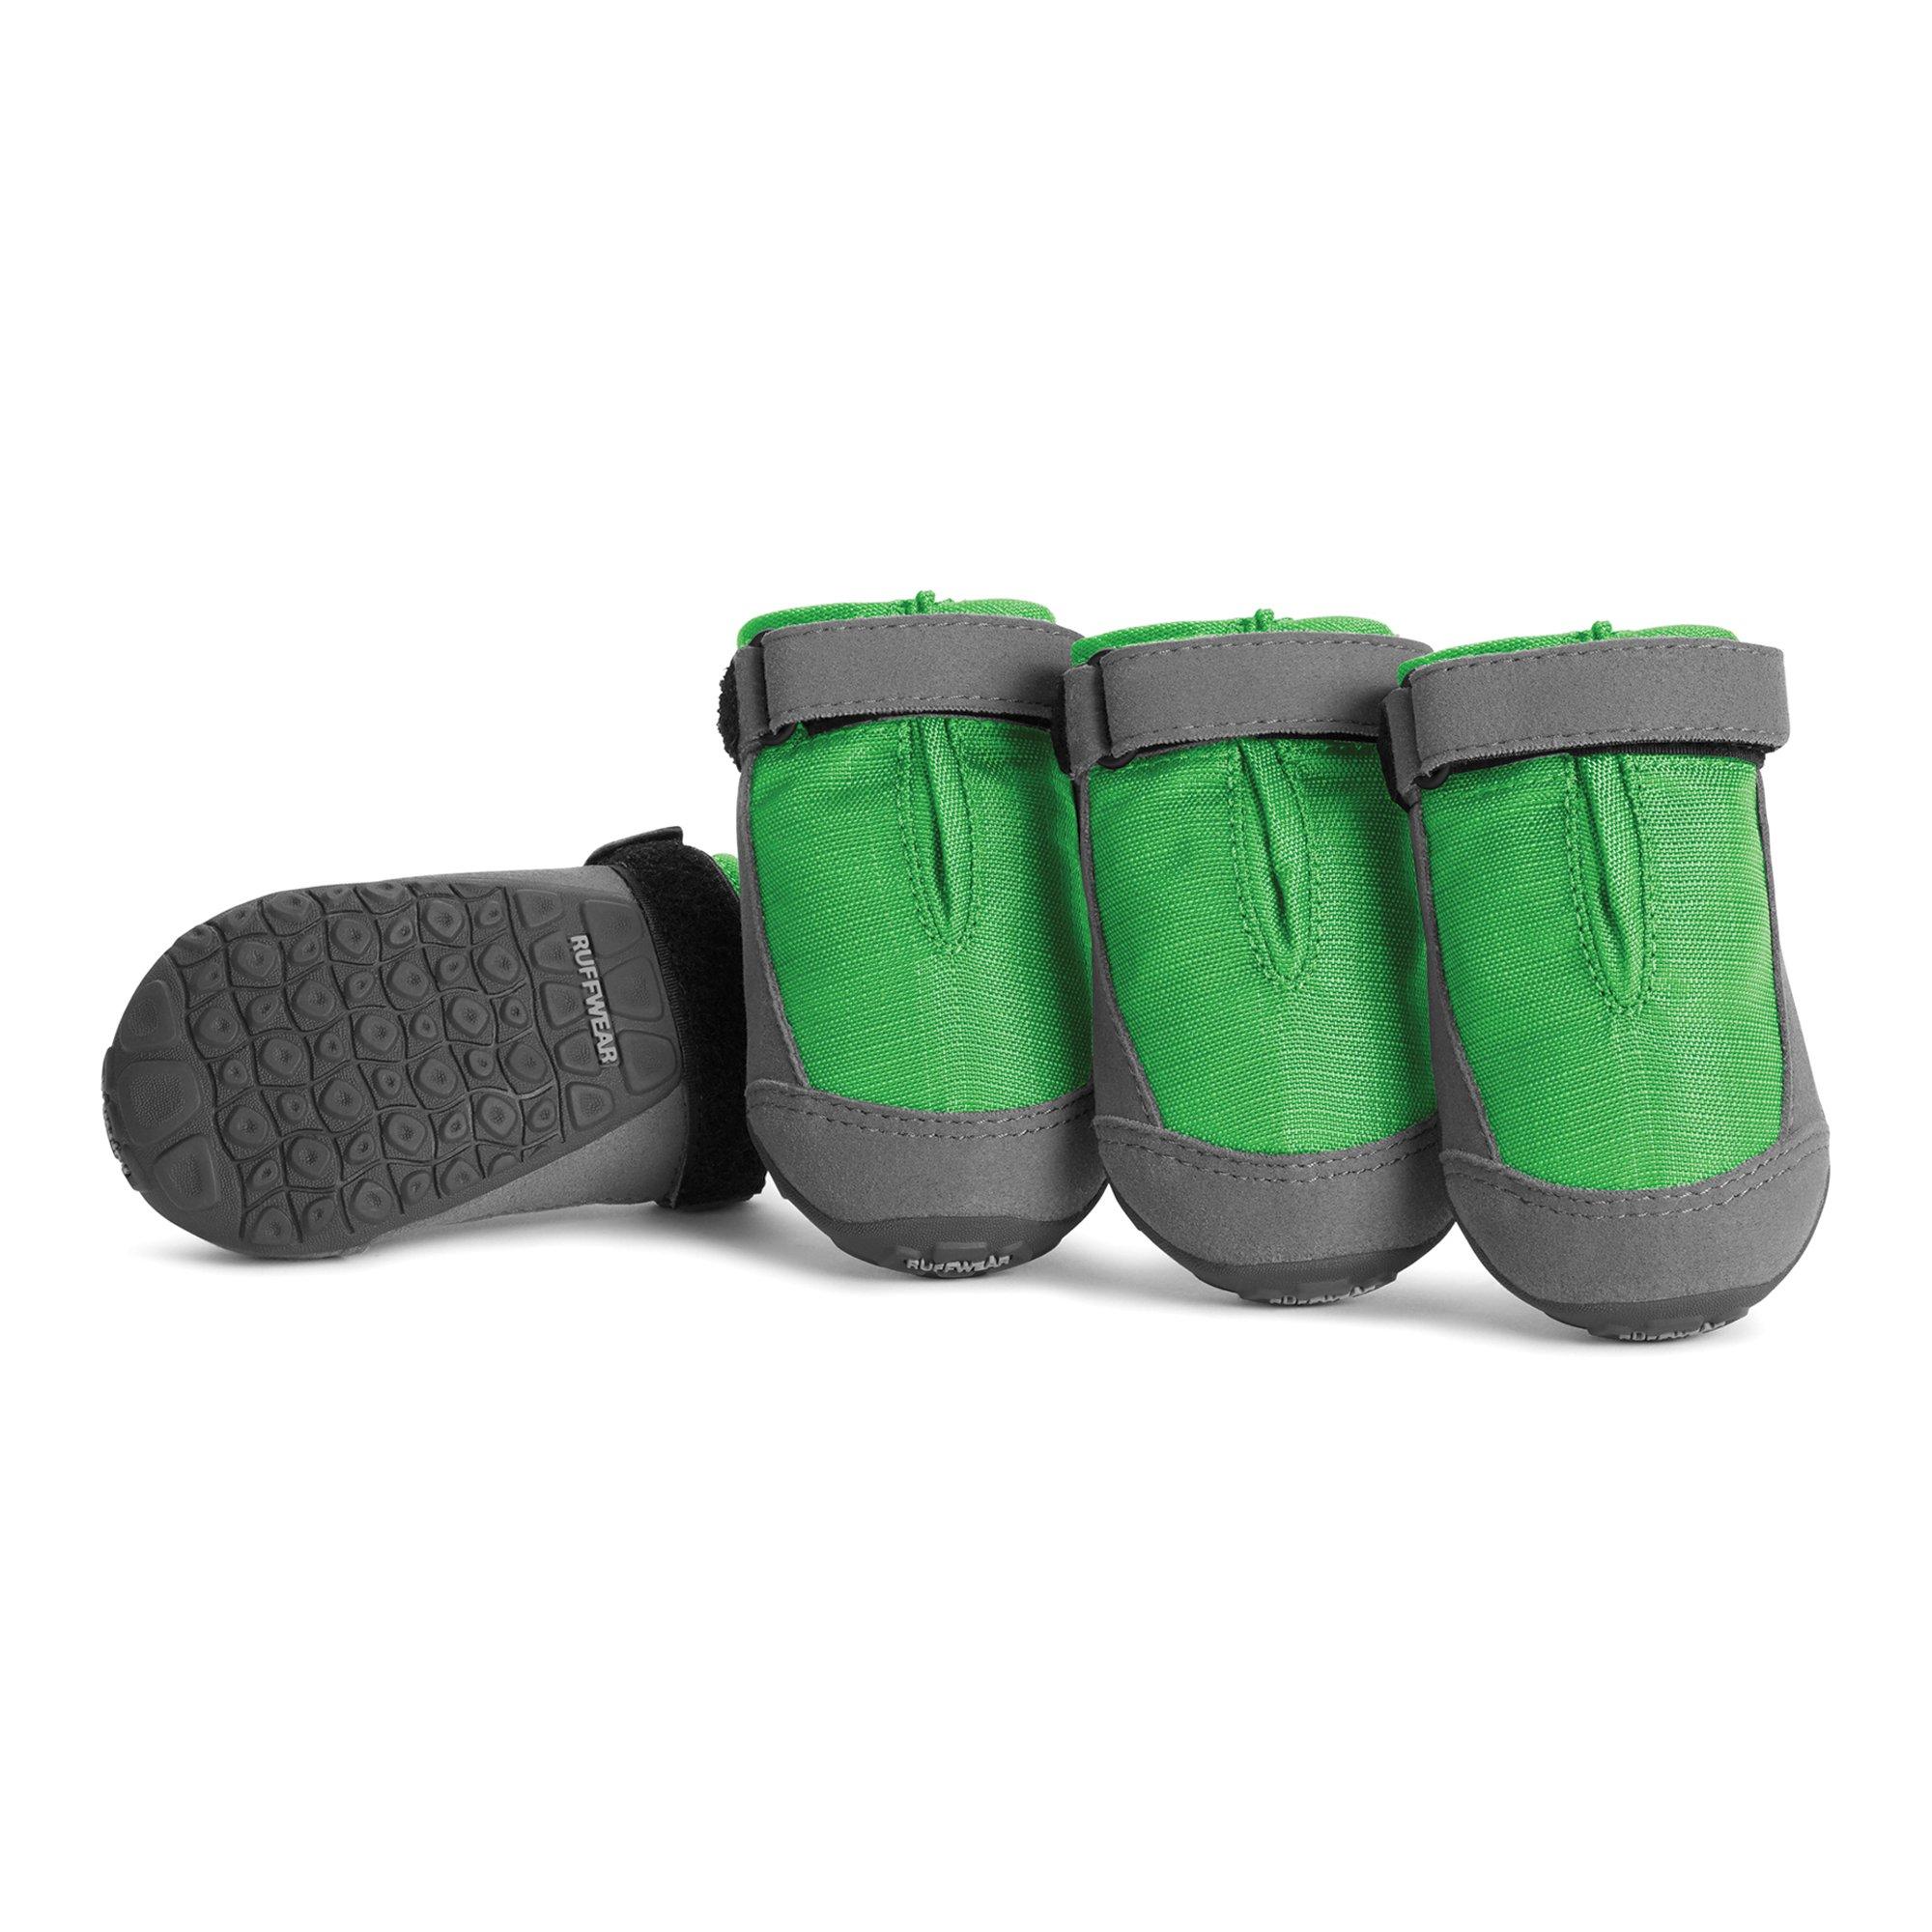 RUFFWEAR - Summit Trex, Meadow Green, 1.75 in (4 Boots)